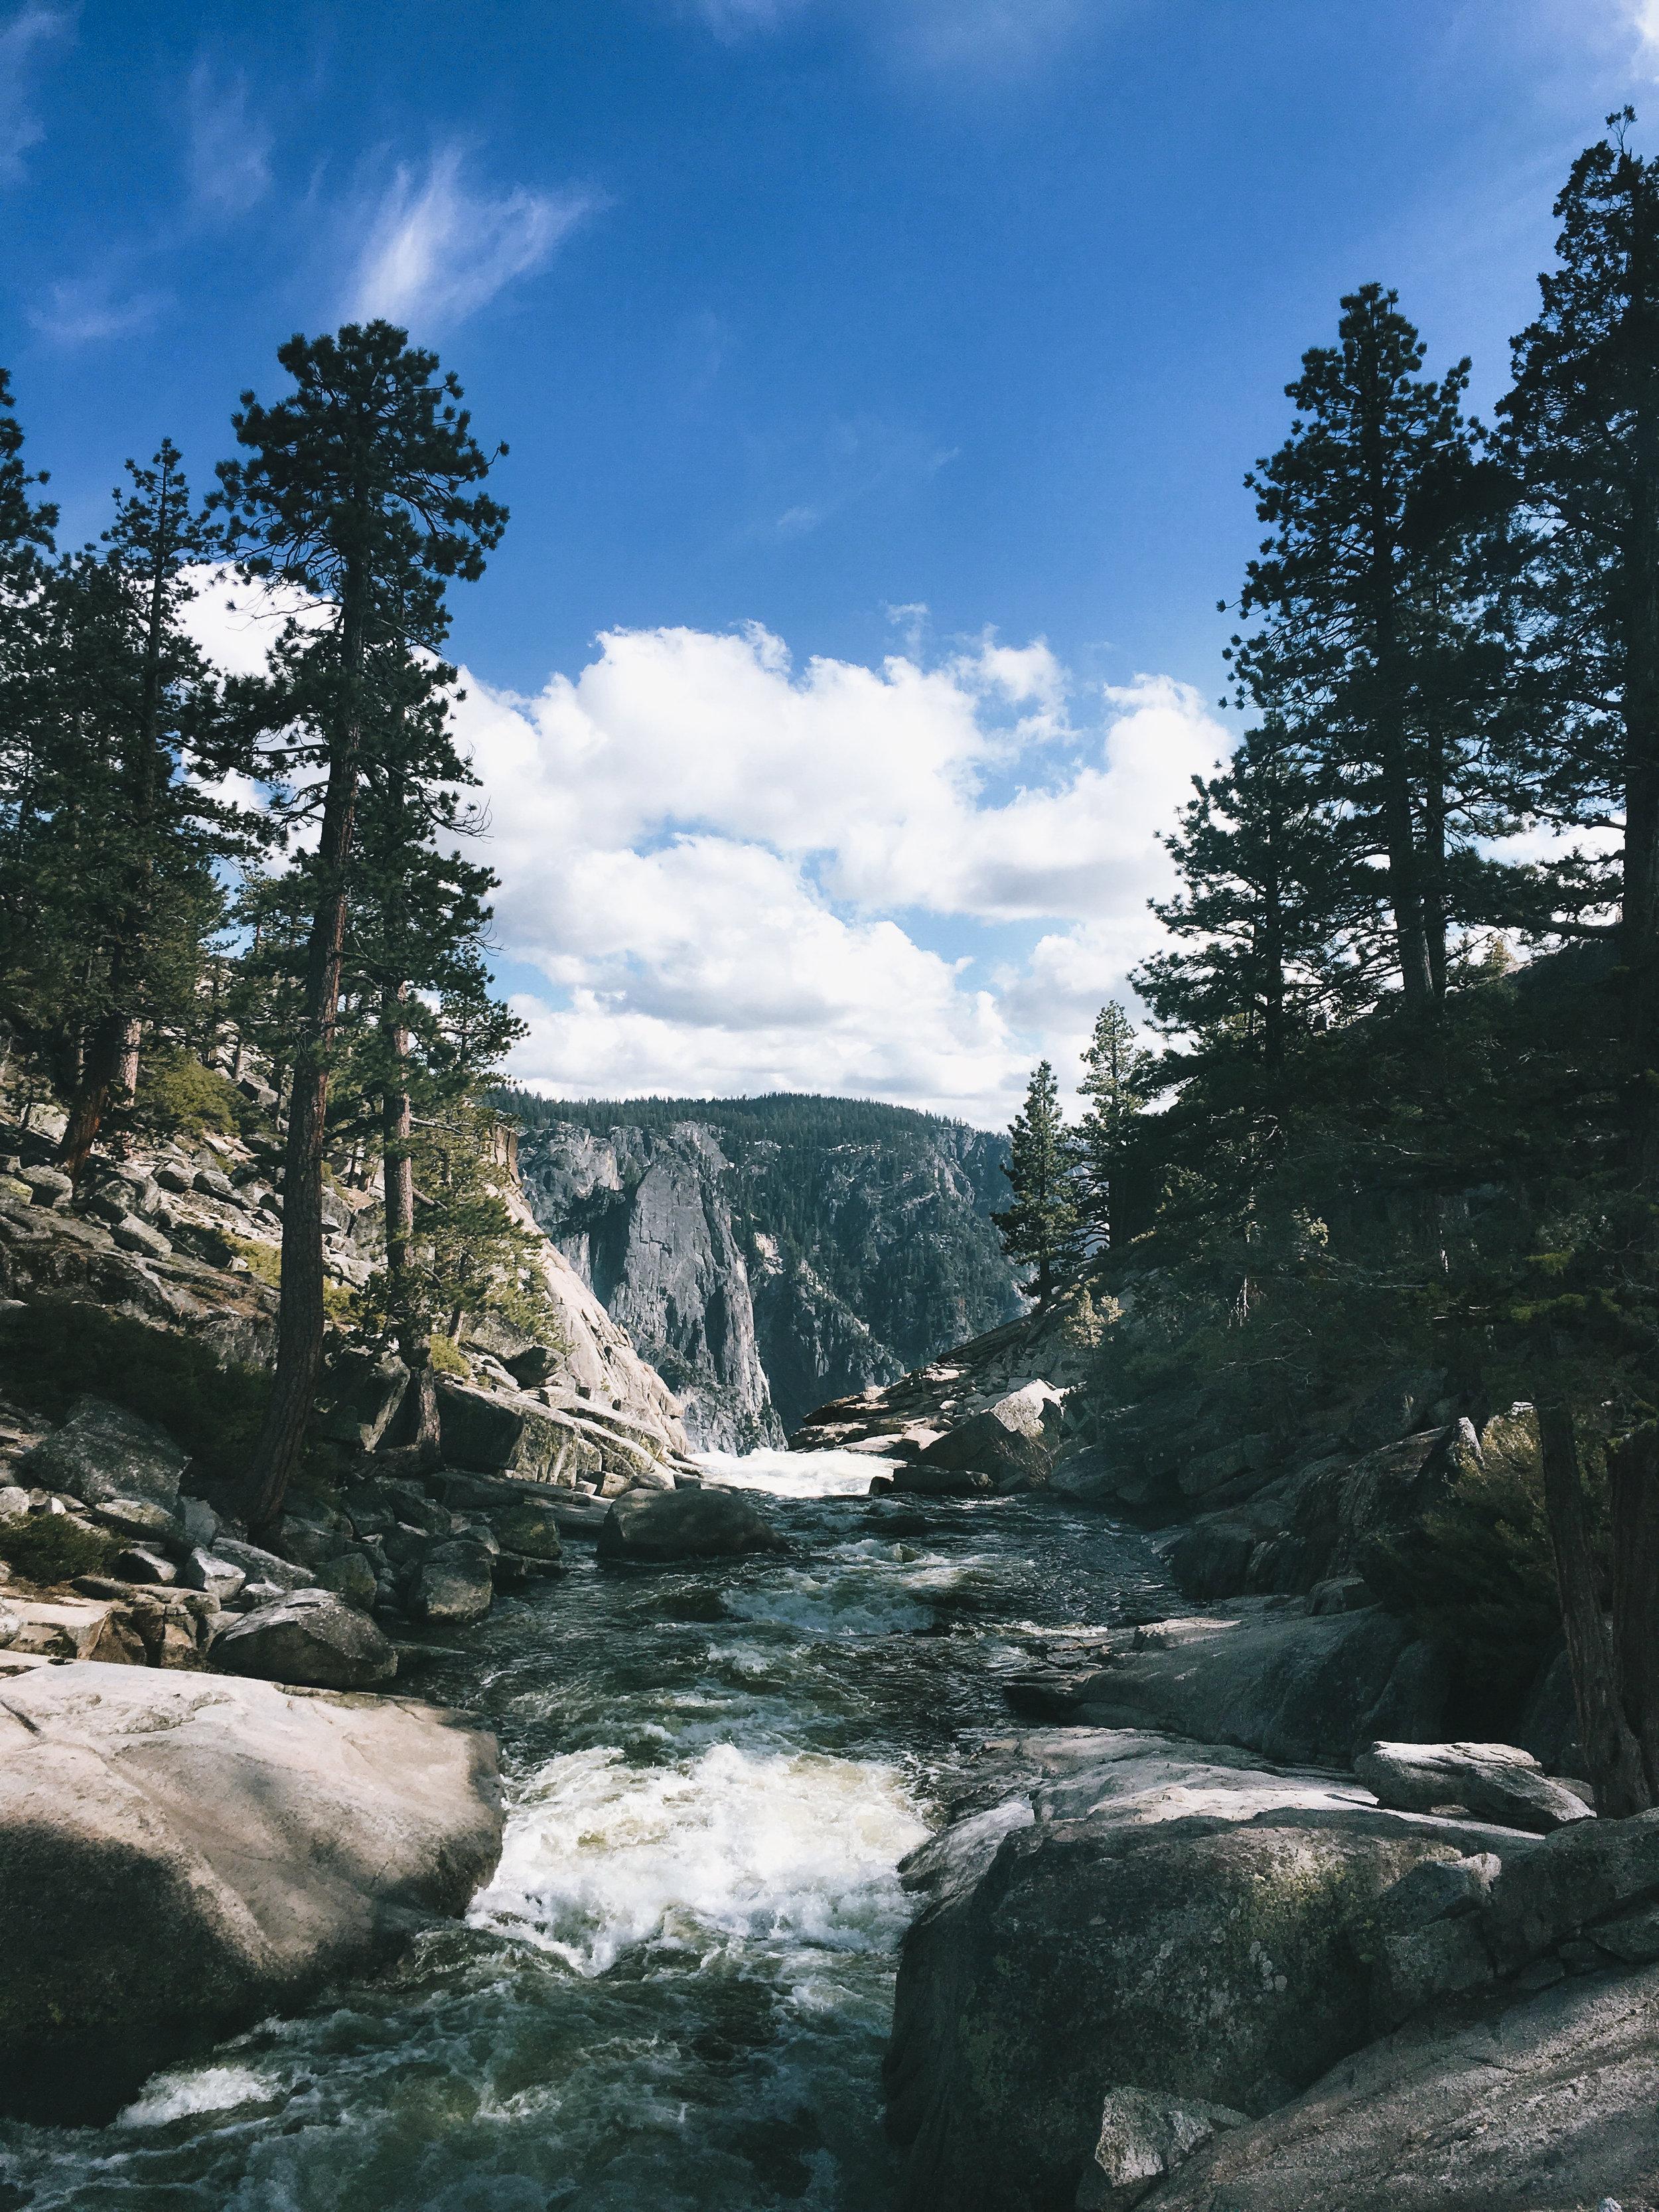 Top of Upper Yosemite Falls